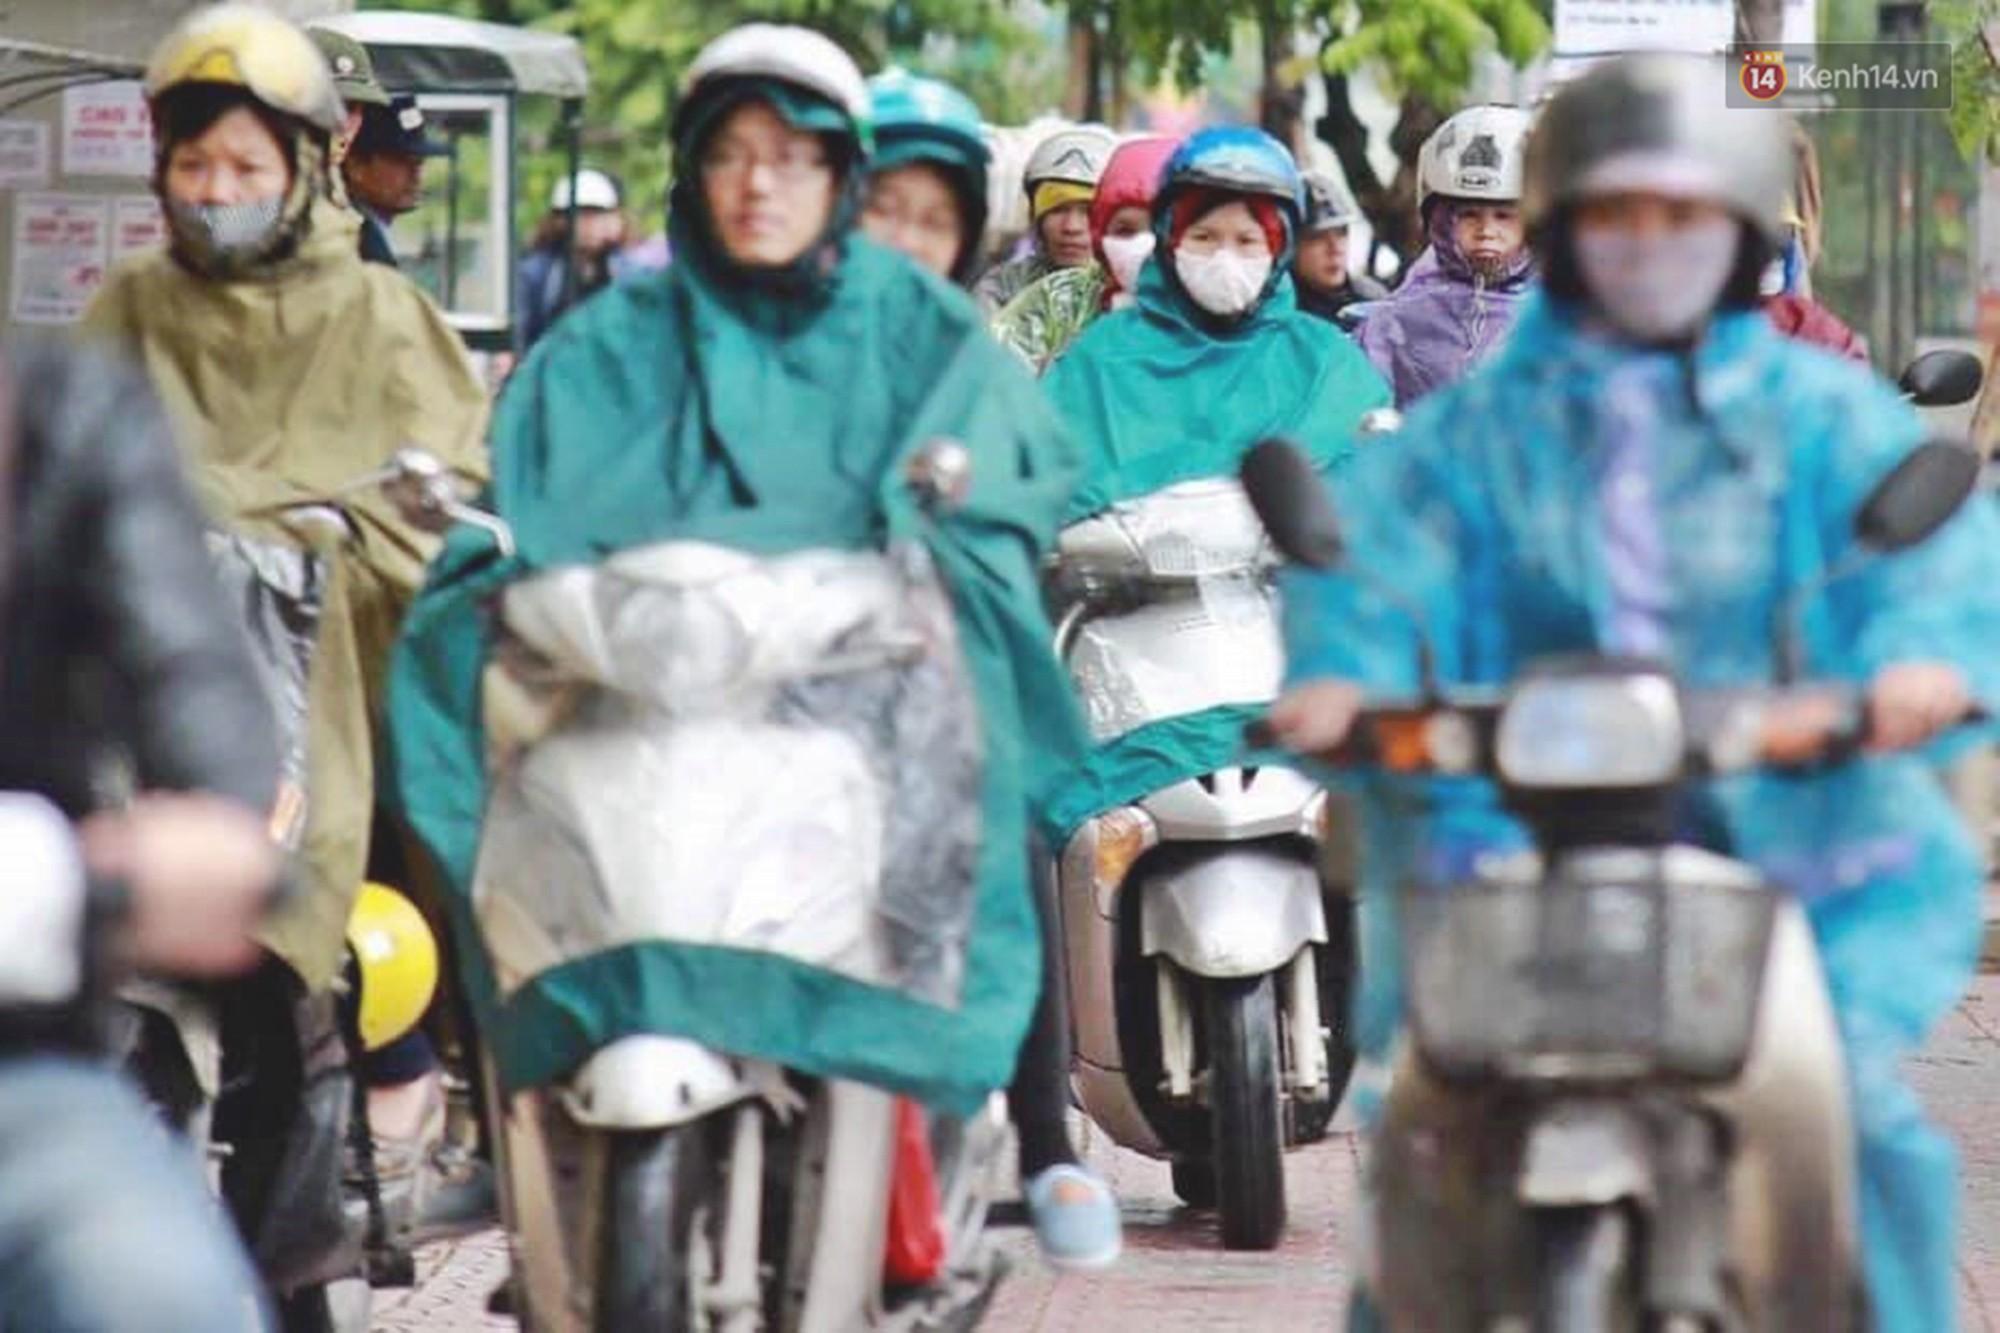 Ảnh: Đường phố Hà Nội tắc nghẽn kinh hoàng trong ngày làm việc đầu tiên sau kỳ nghỉ lễ 30/4 - 1/5 - Ảnh 7.